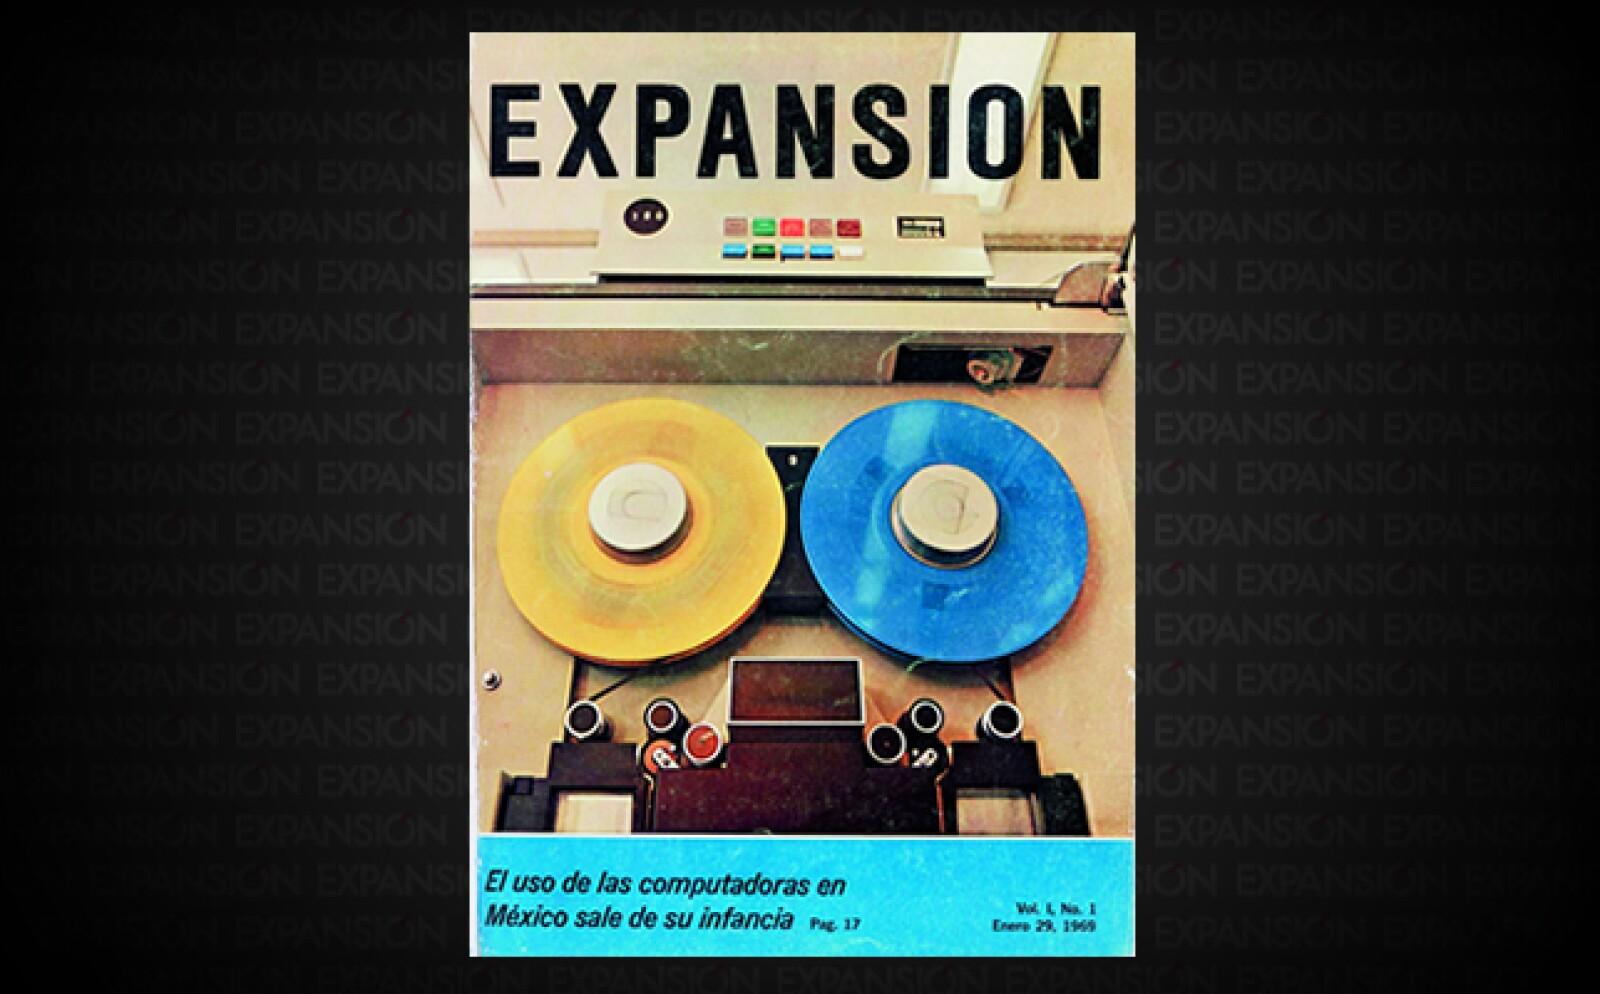 La revista Expansión nació el 29 de febrero de 1969. Su primera portada, dos bobinas de la última máquina de IBM, que representaban el poder revolucionario de la computadora.